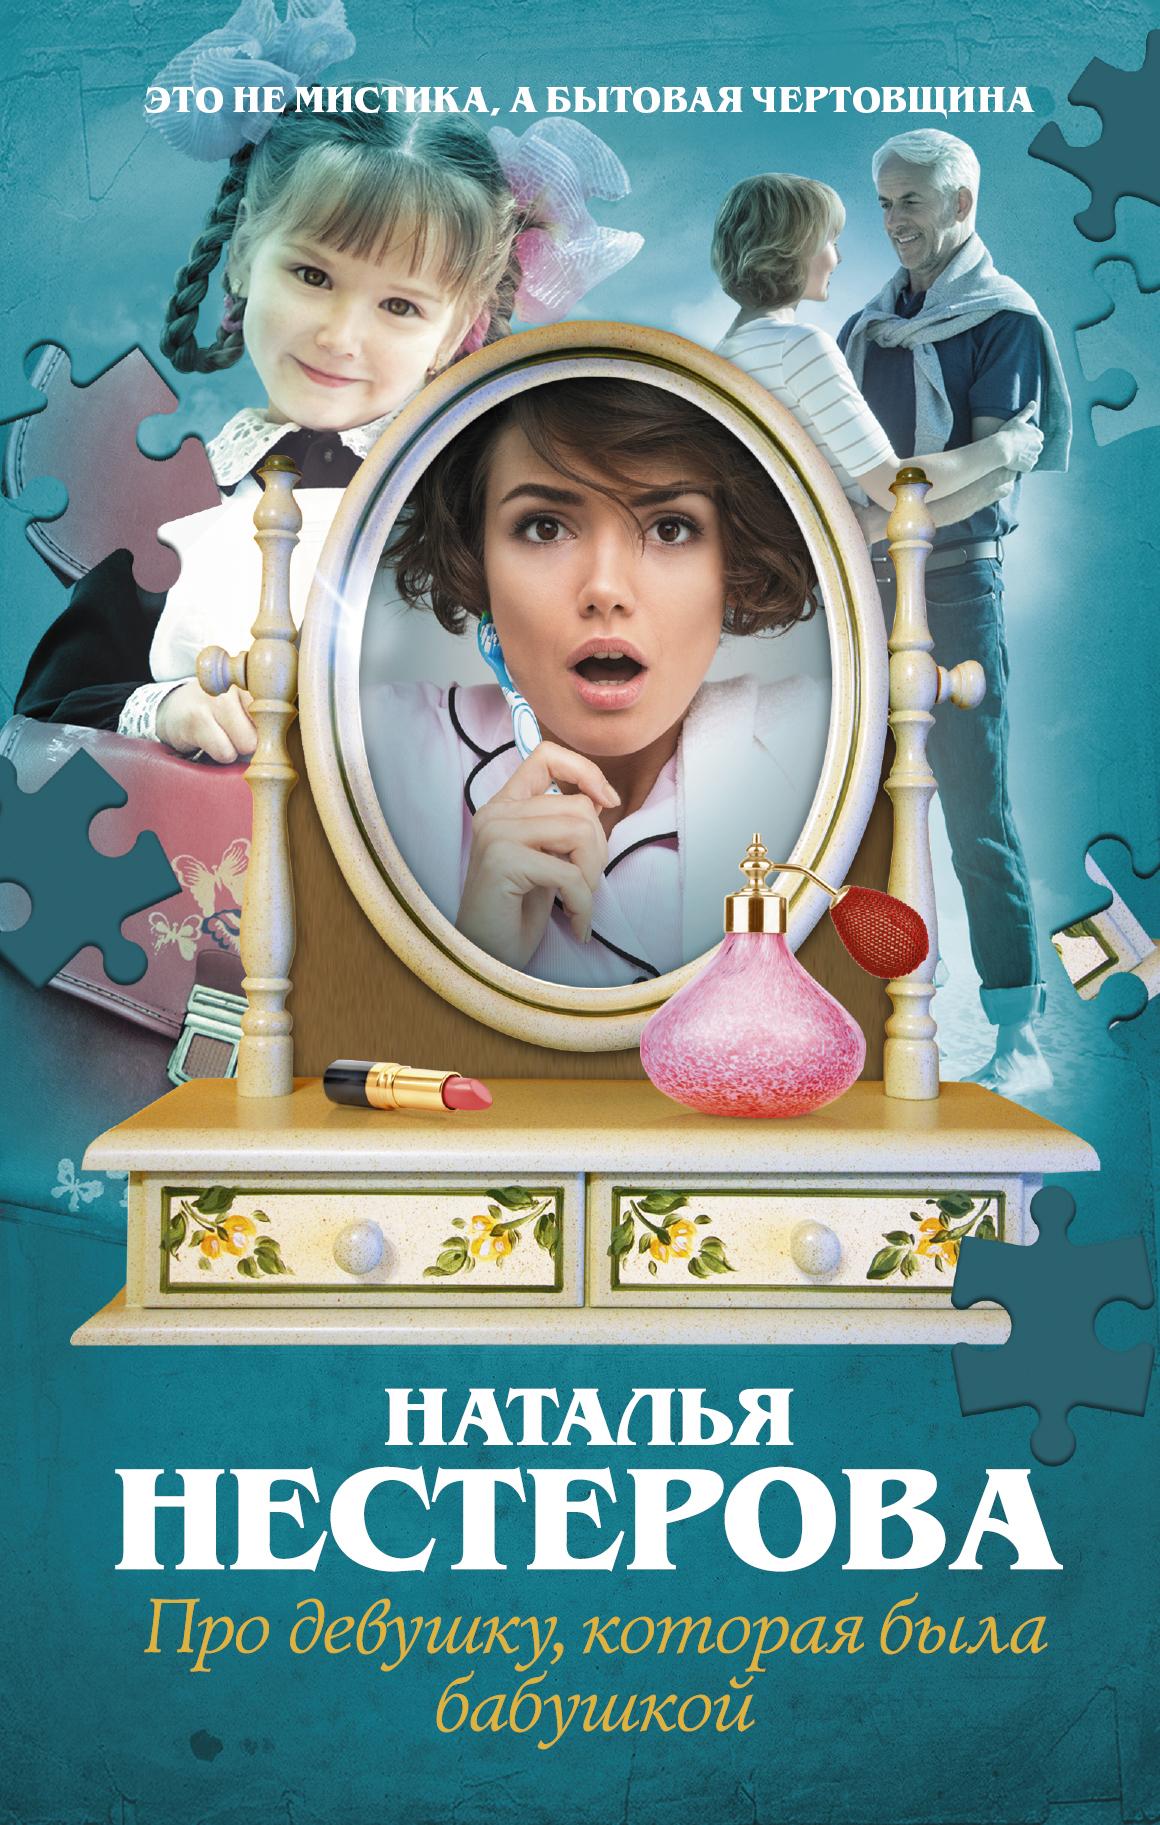 portnoy-ne-uderzhalsya-ot-soblazna-otimet-bogatuyu-studentku